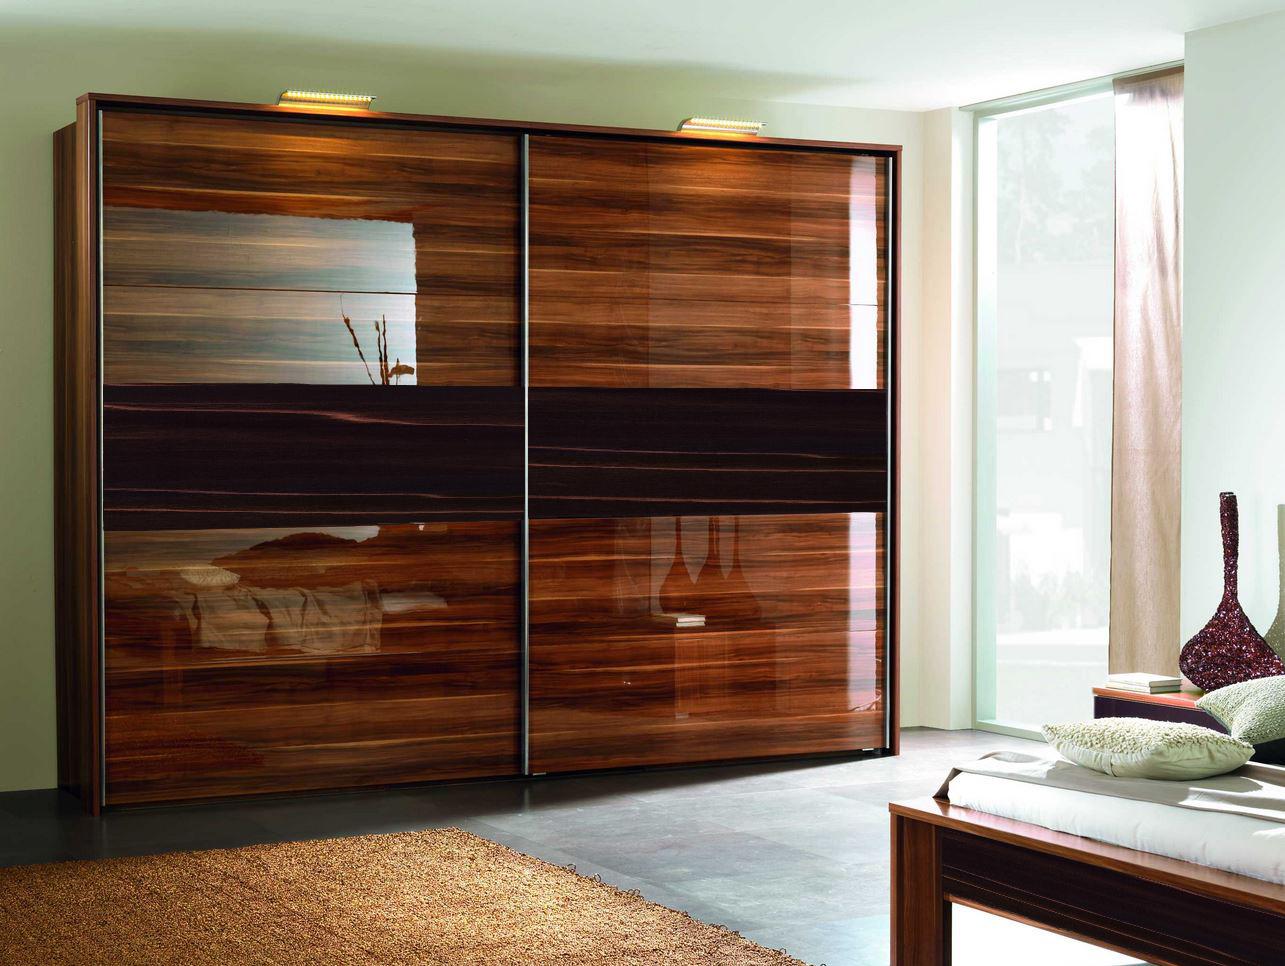 Глянцевый шкаф: навесные угловые модели с распашными дверями.